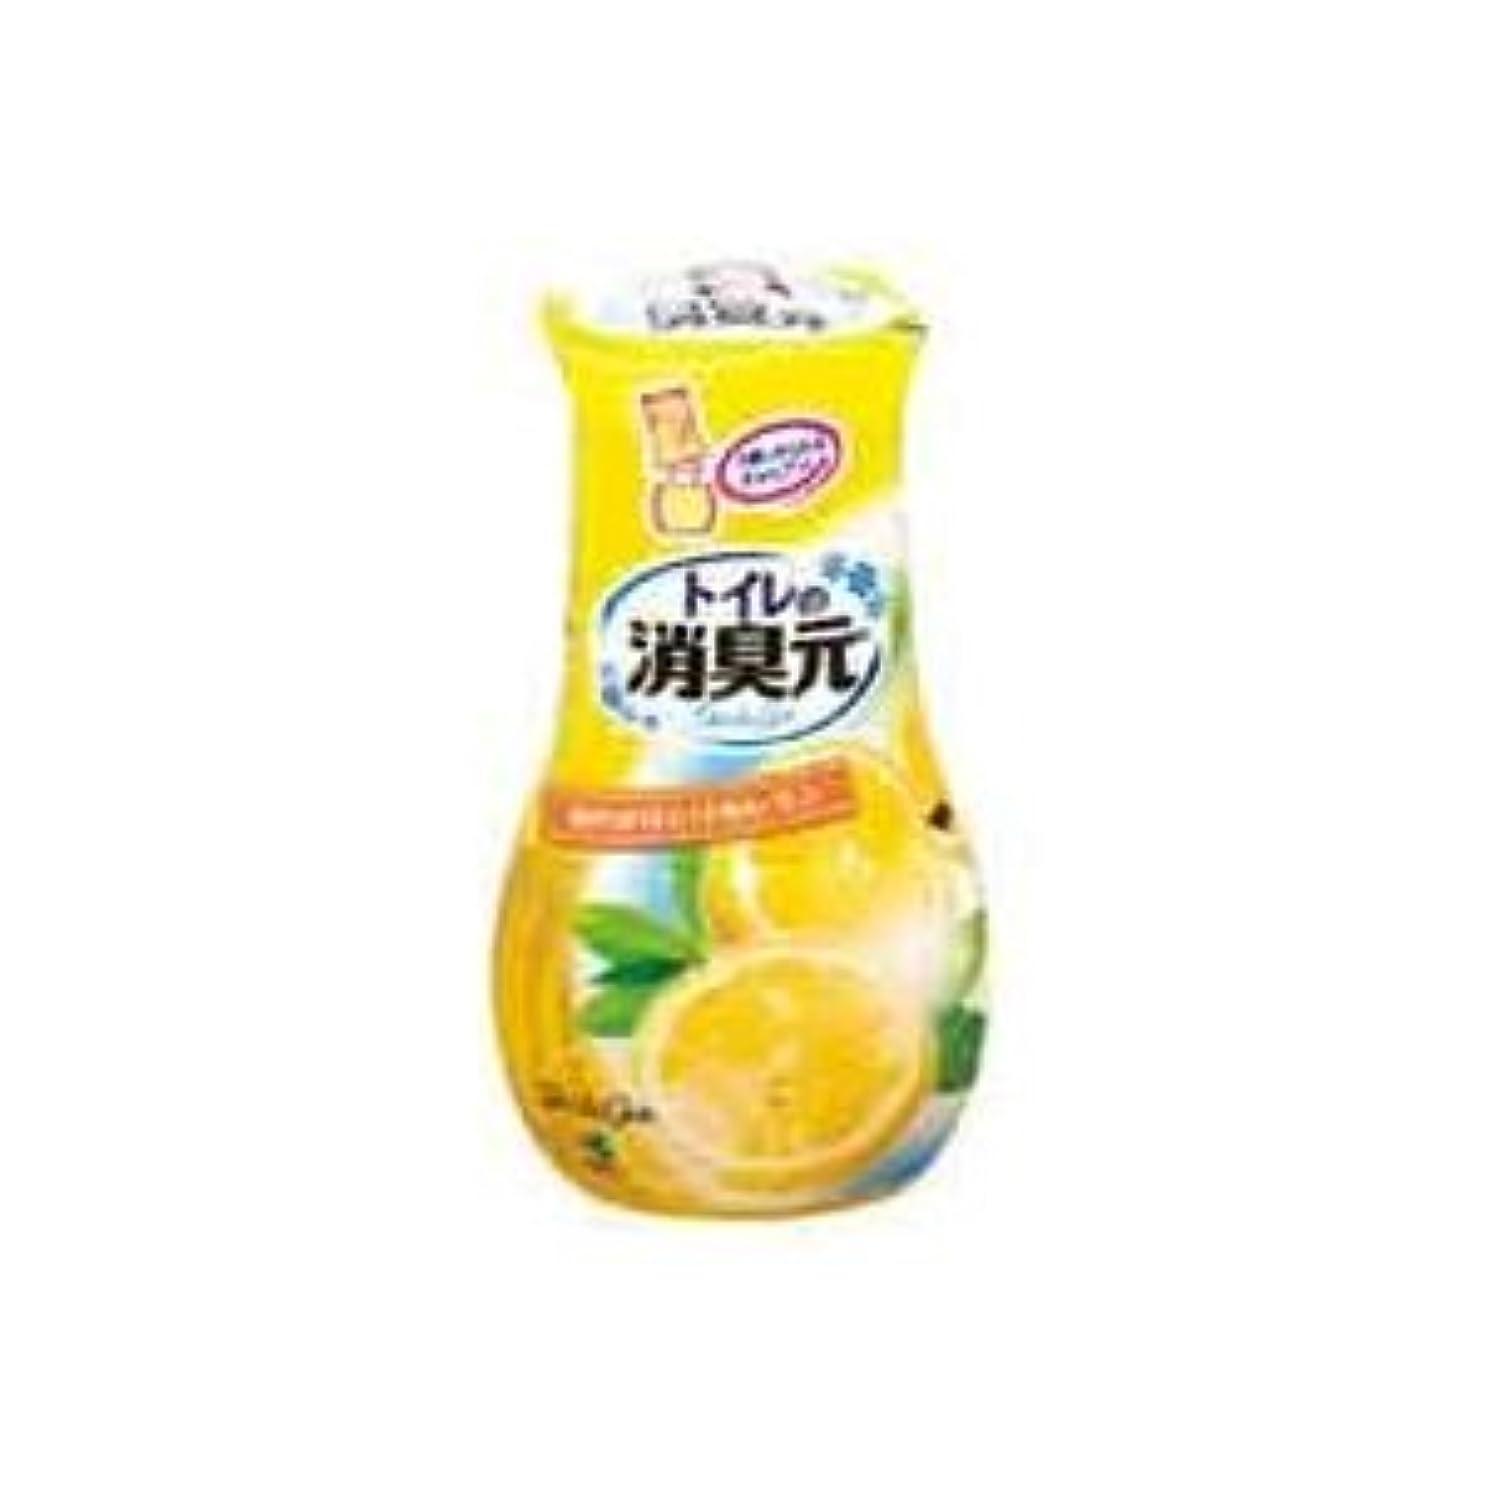 それに応じて入場料テレマコス(業務用40セット)小林製薬 トイレの消臭元 400ml レモン1個